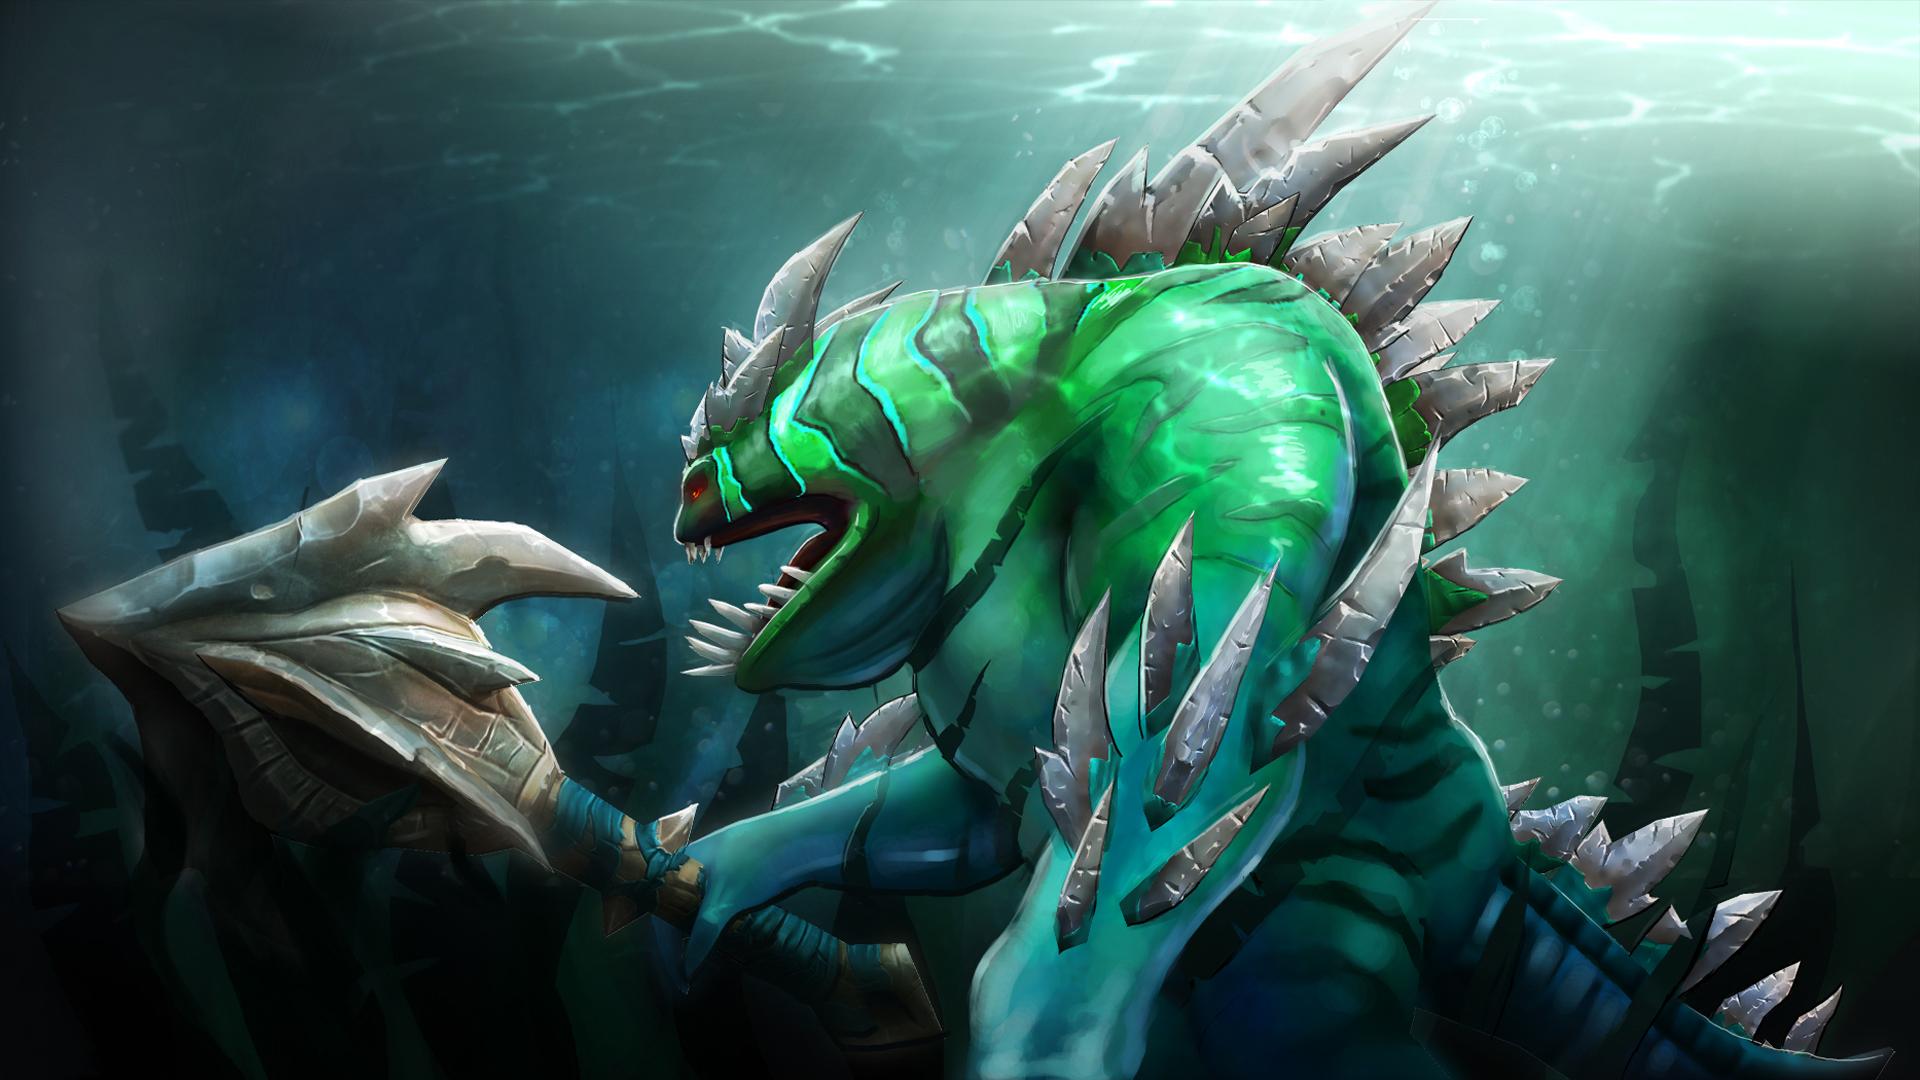 Images DOTA 2 Tidehunter monster Fantasy vdeo game 1920x1080 1920x1080